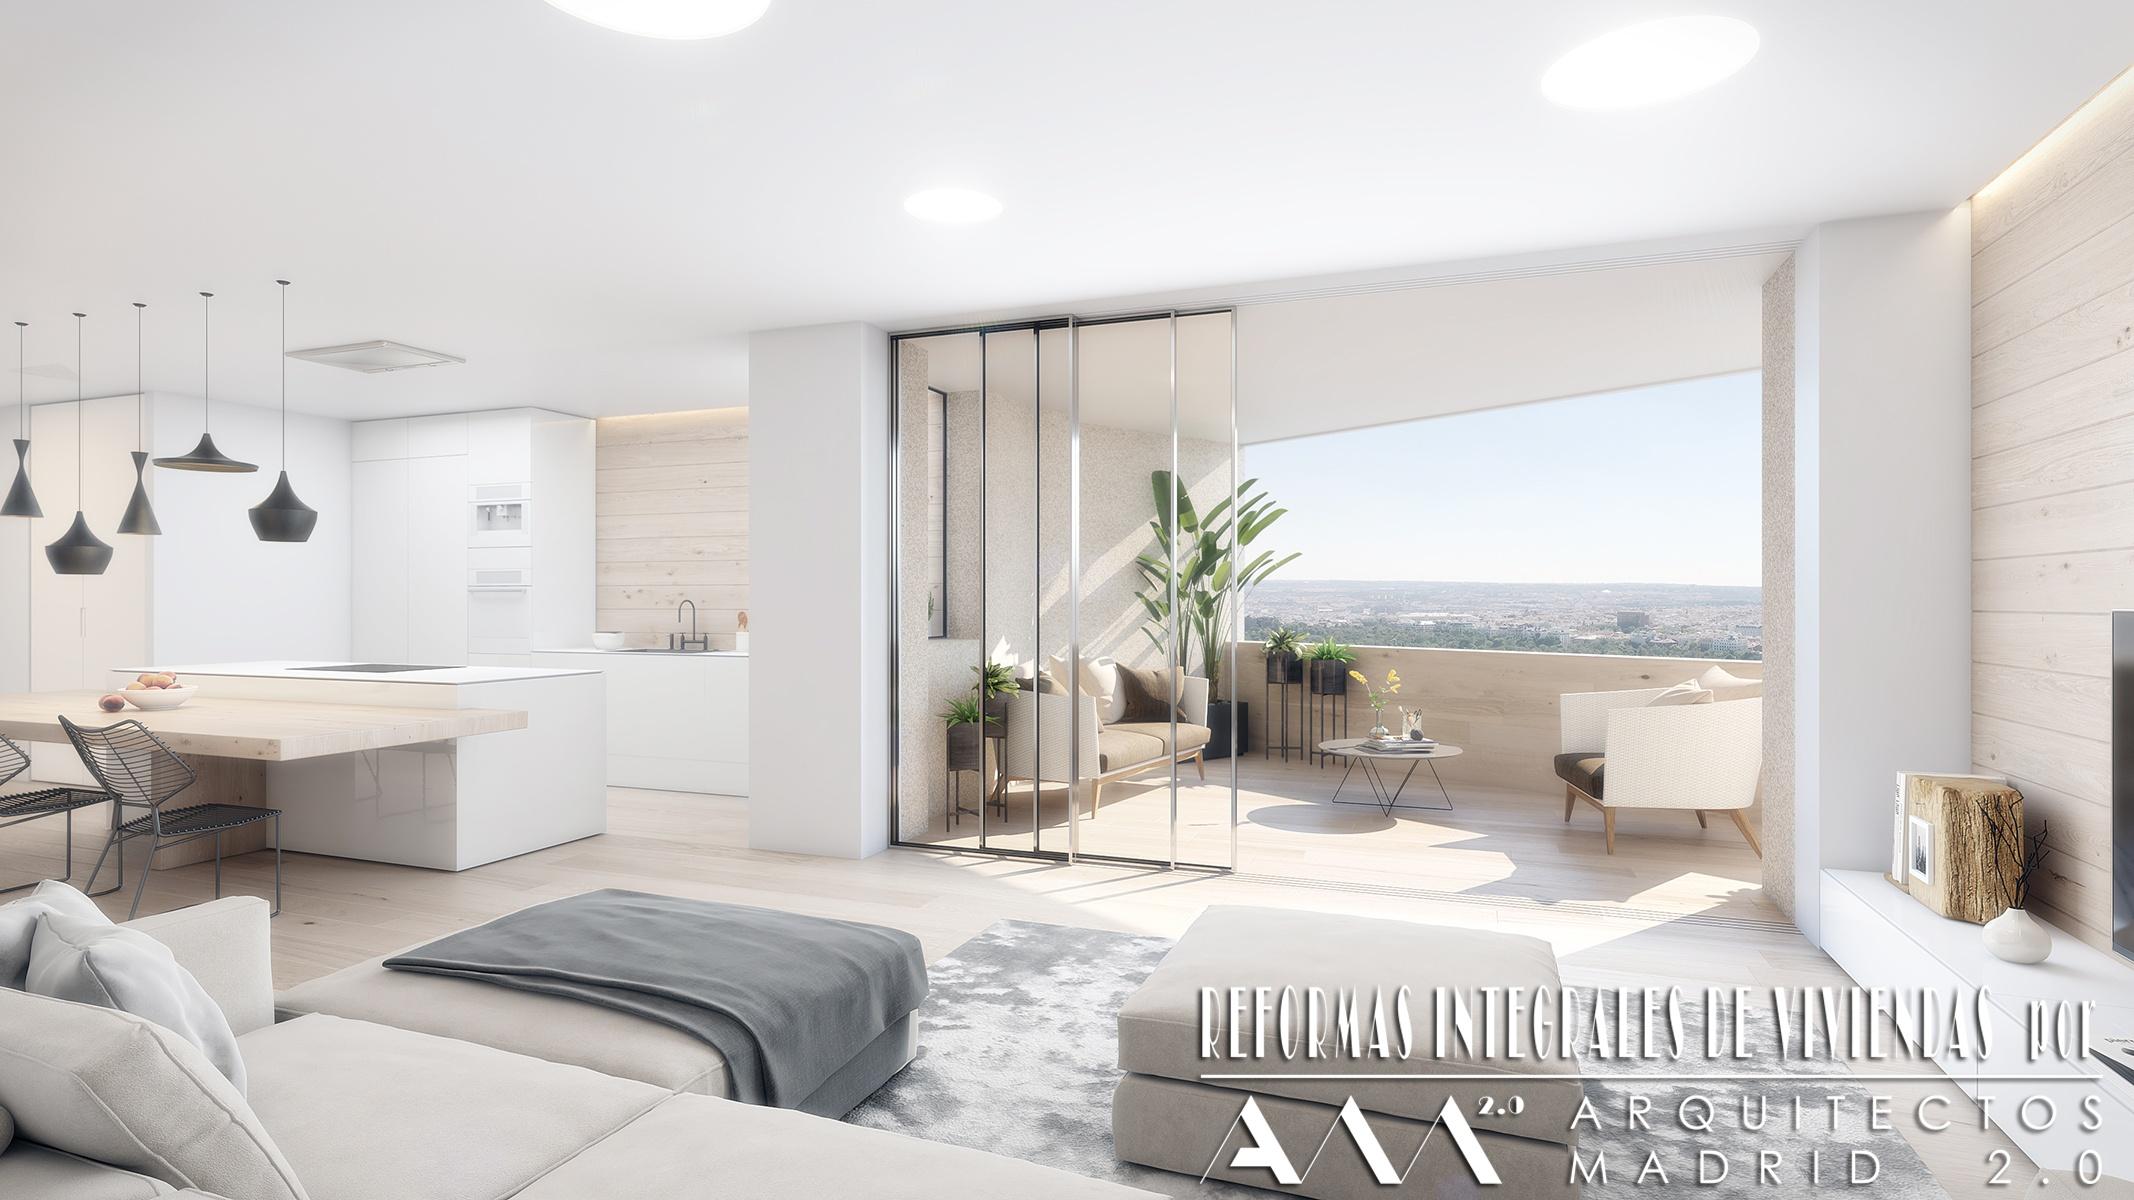 reformas-viviendas-proyectos-casas-pisos-apartamentos-arquitectos-madrid-2